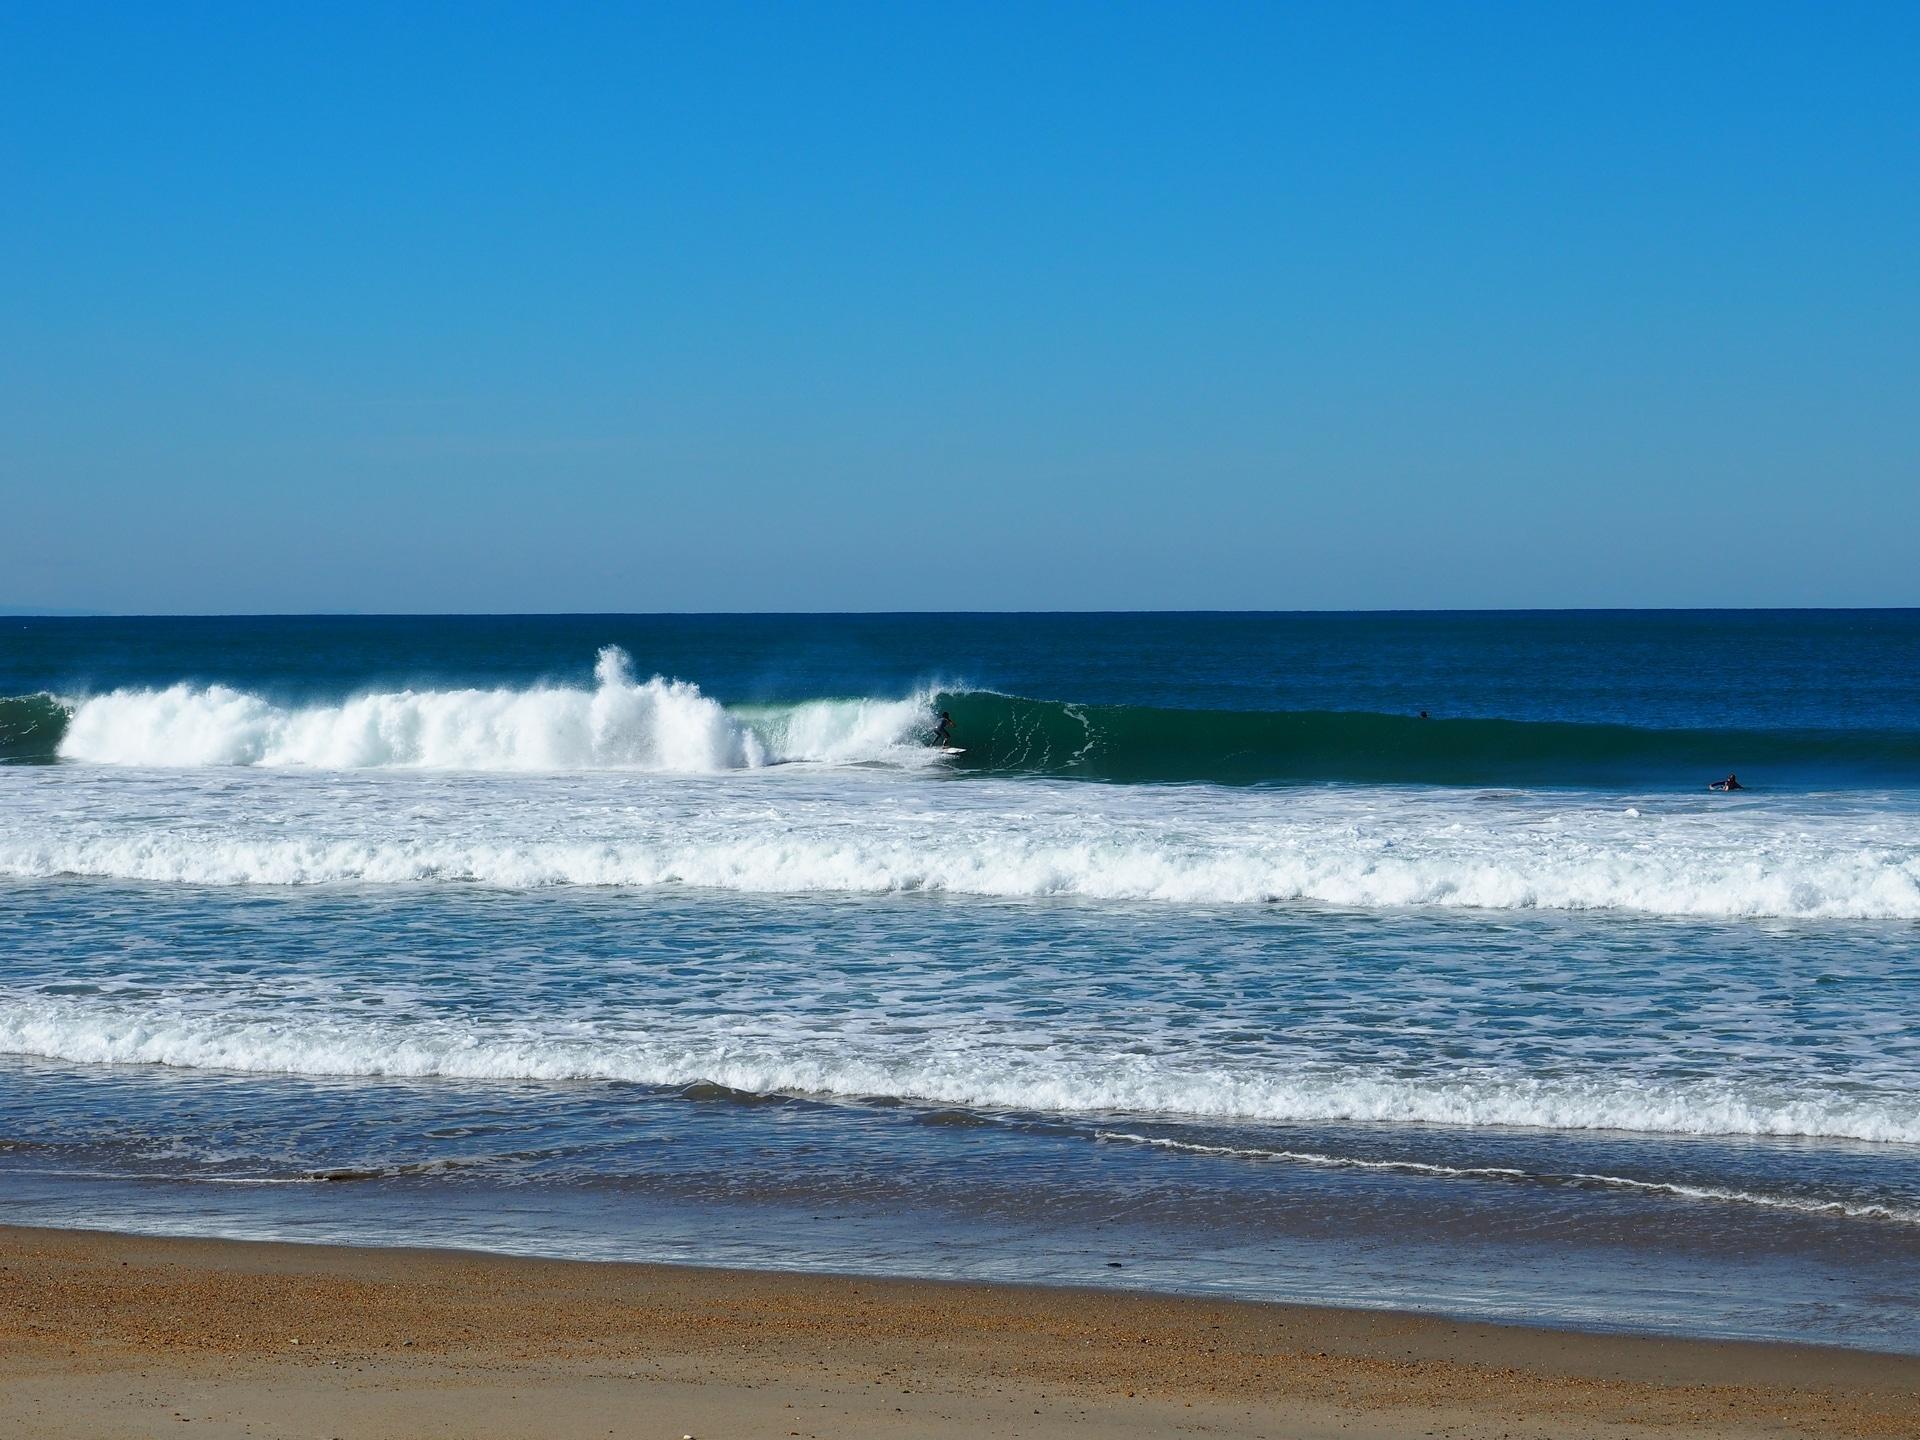 Surfeur dans un rouleau sur la plage du VVF à Anglet